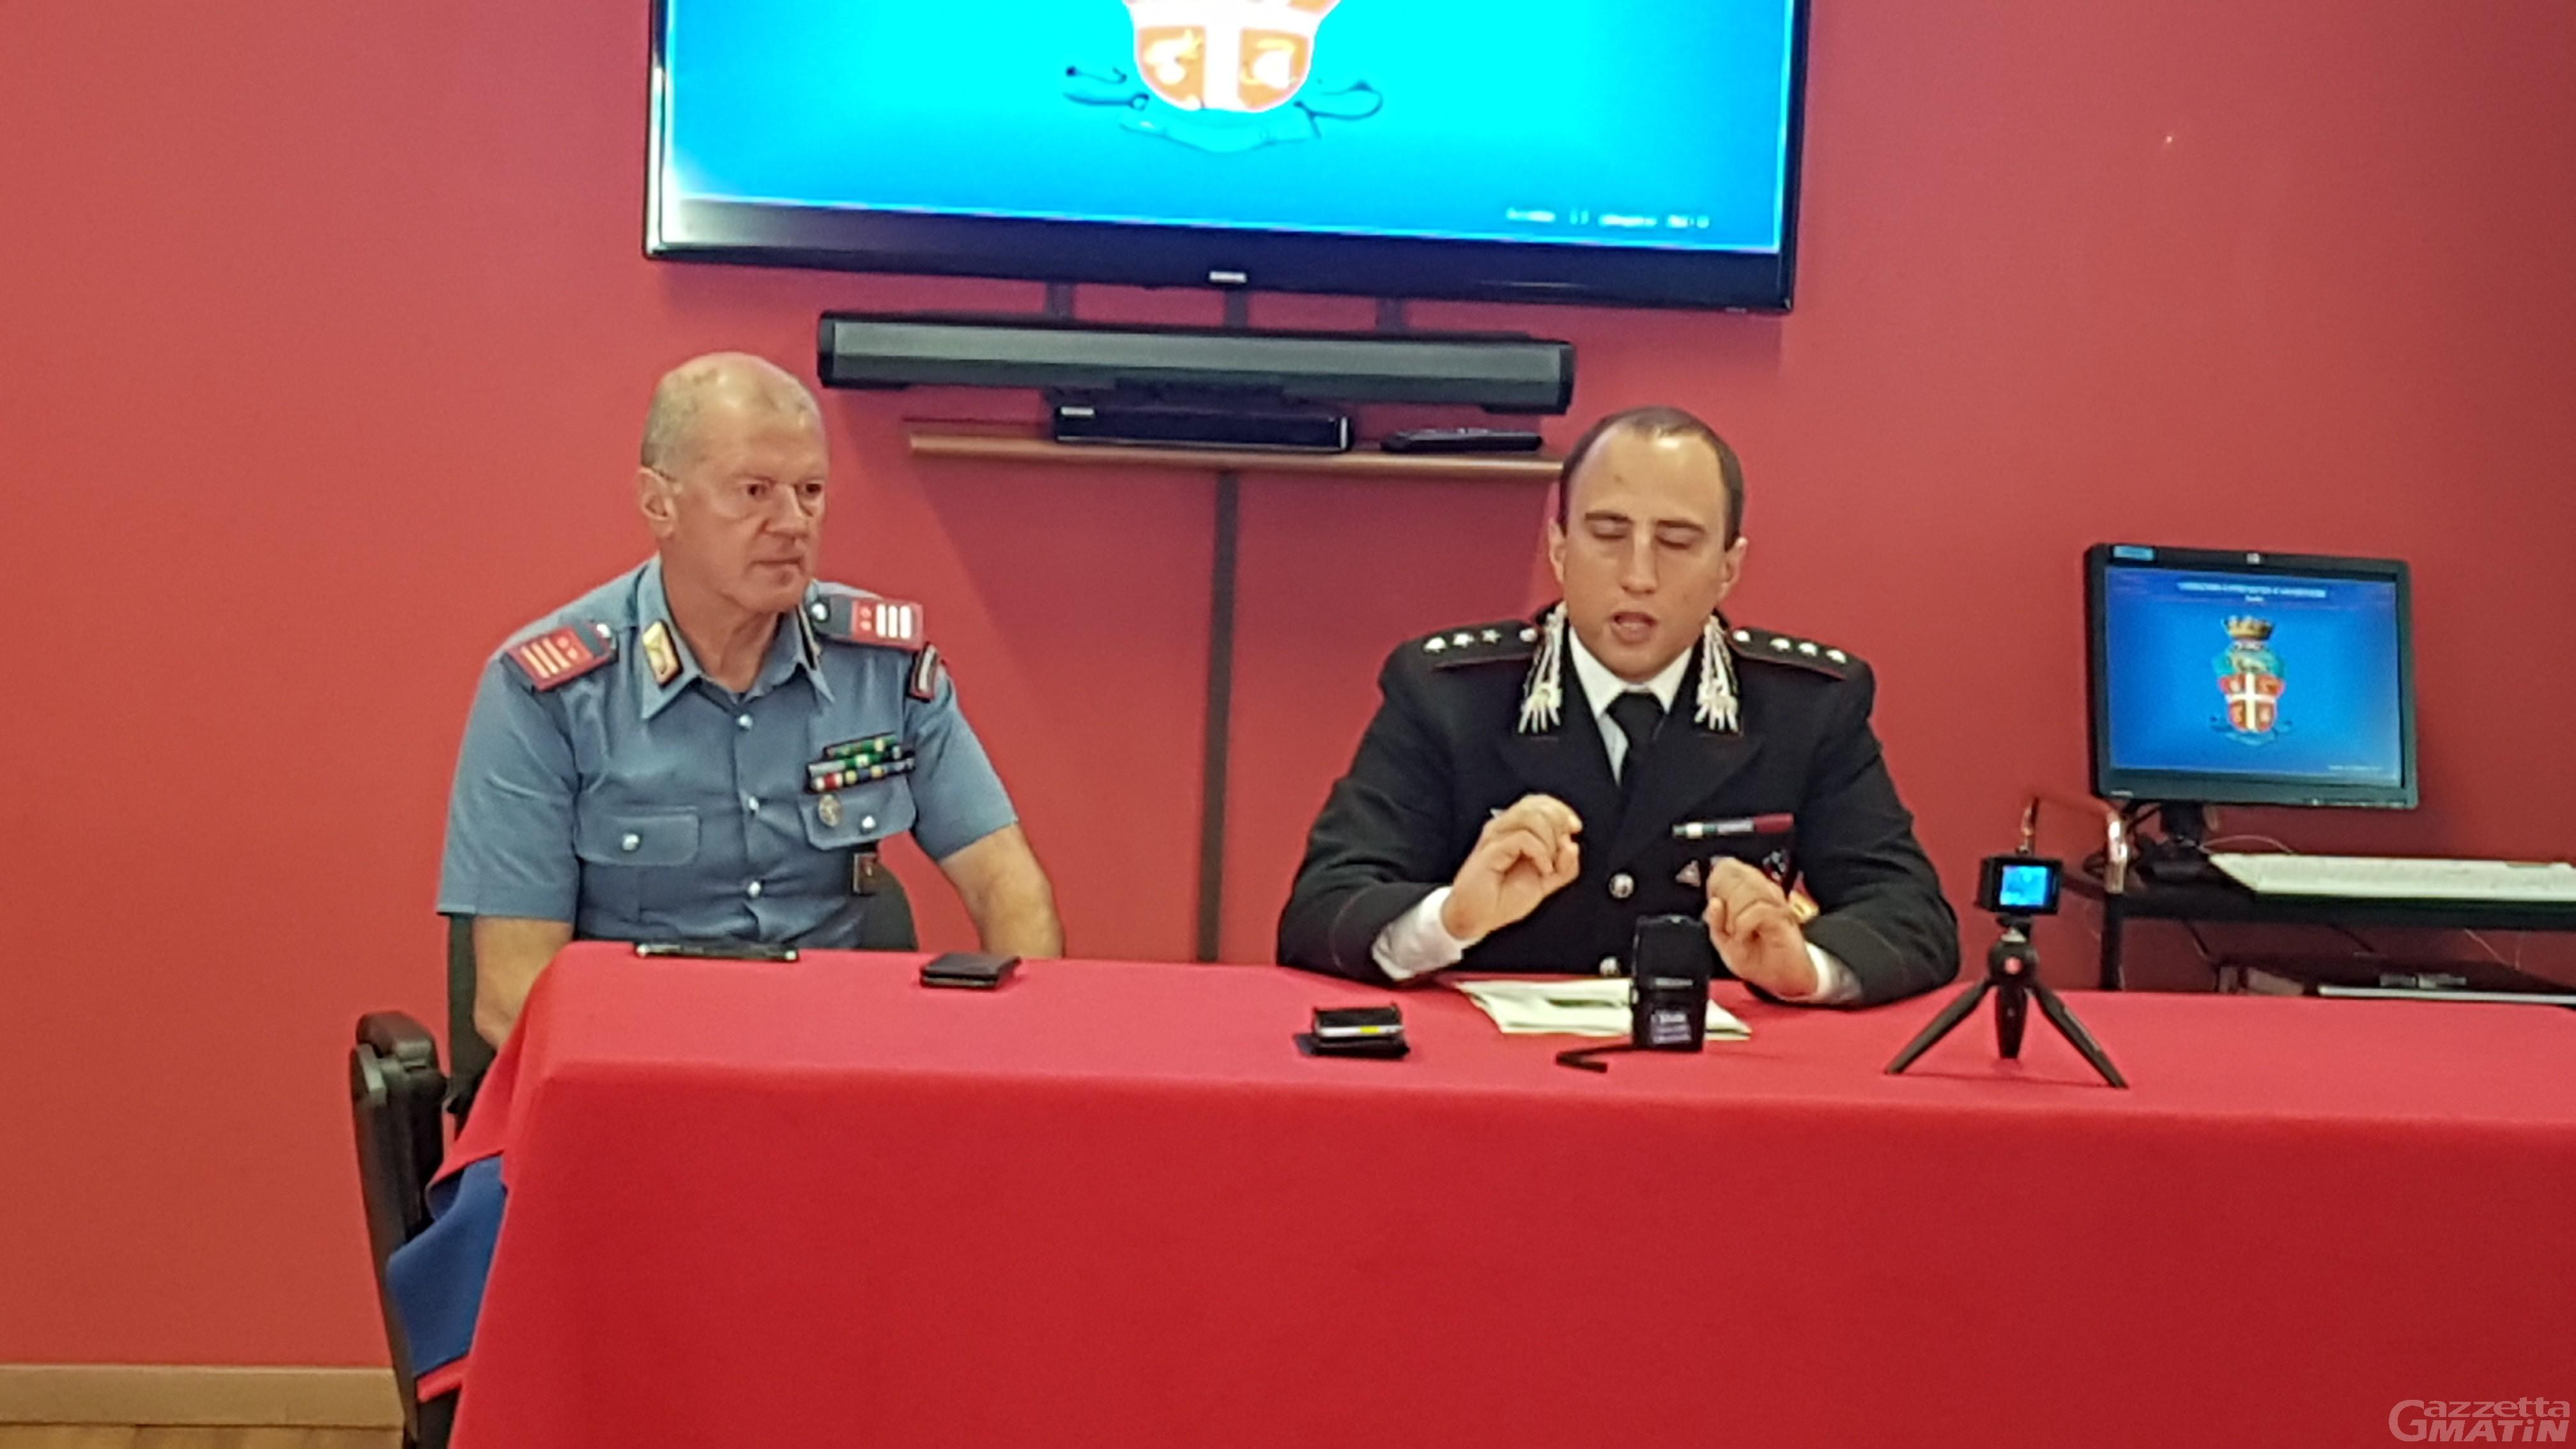 Truffe online, 11 consigli dei carabinieri per evitarle